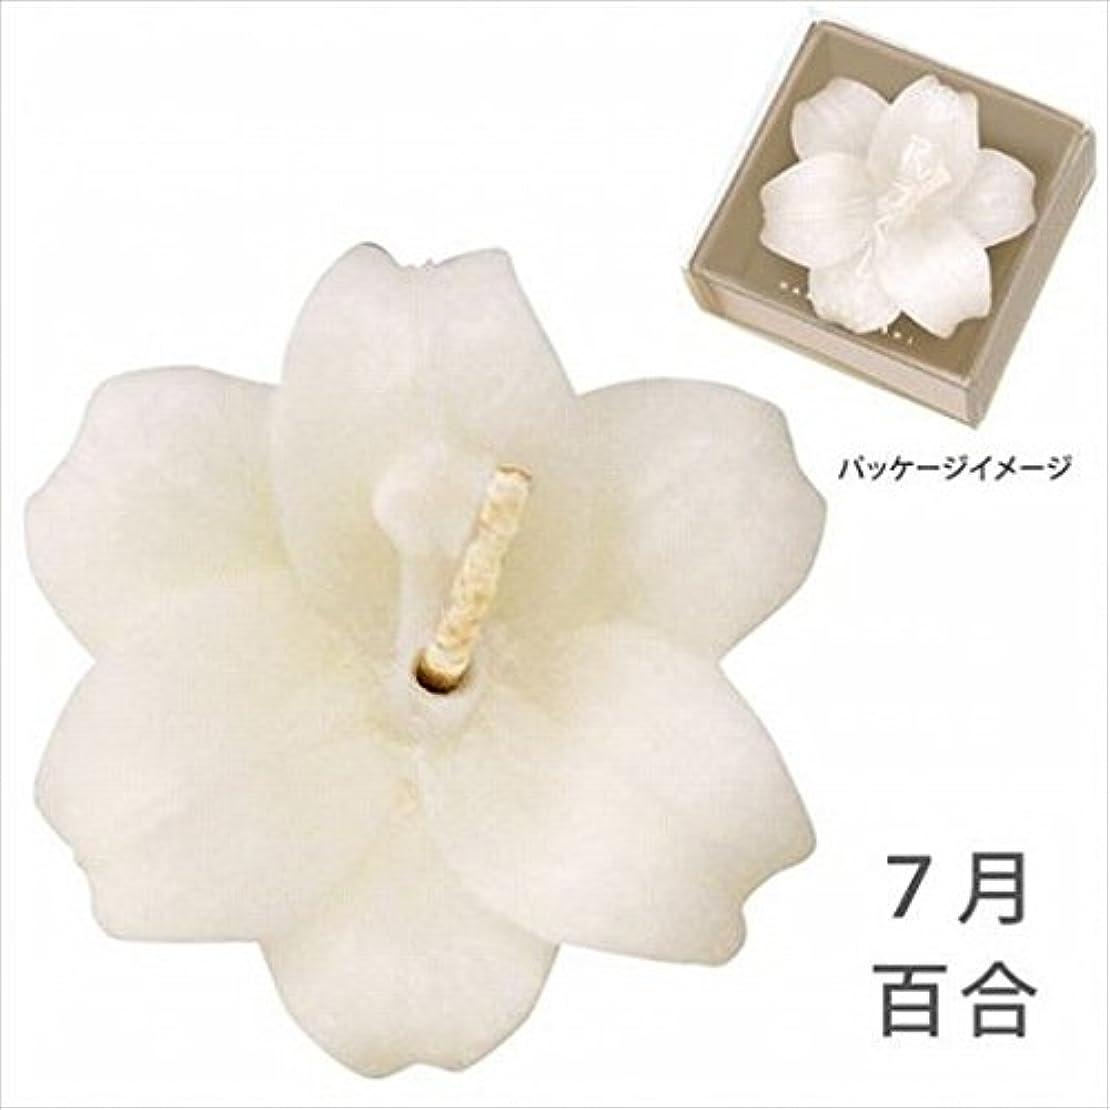 操縦するただやるフェデレーションkameyama candle(カメヤマキャンドル) 花づくし(植物性) 百合 「 百合(7月) 」 キャンドル(A4620580)